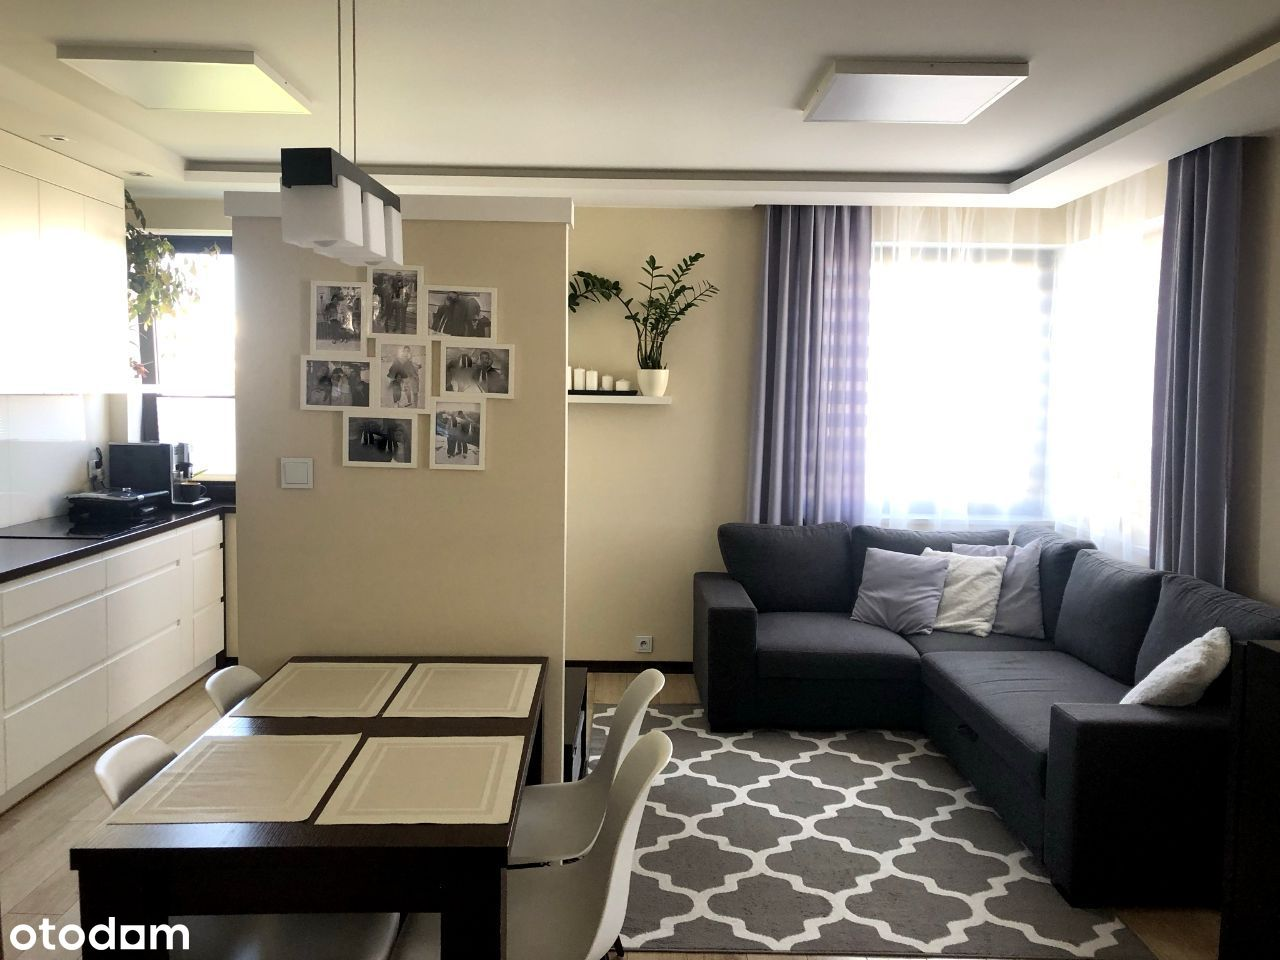 Mieszkanie 3 pokojowe, 54 m2, Węglinek (Koralowa)